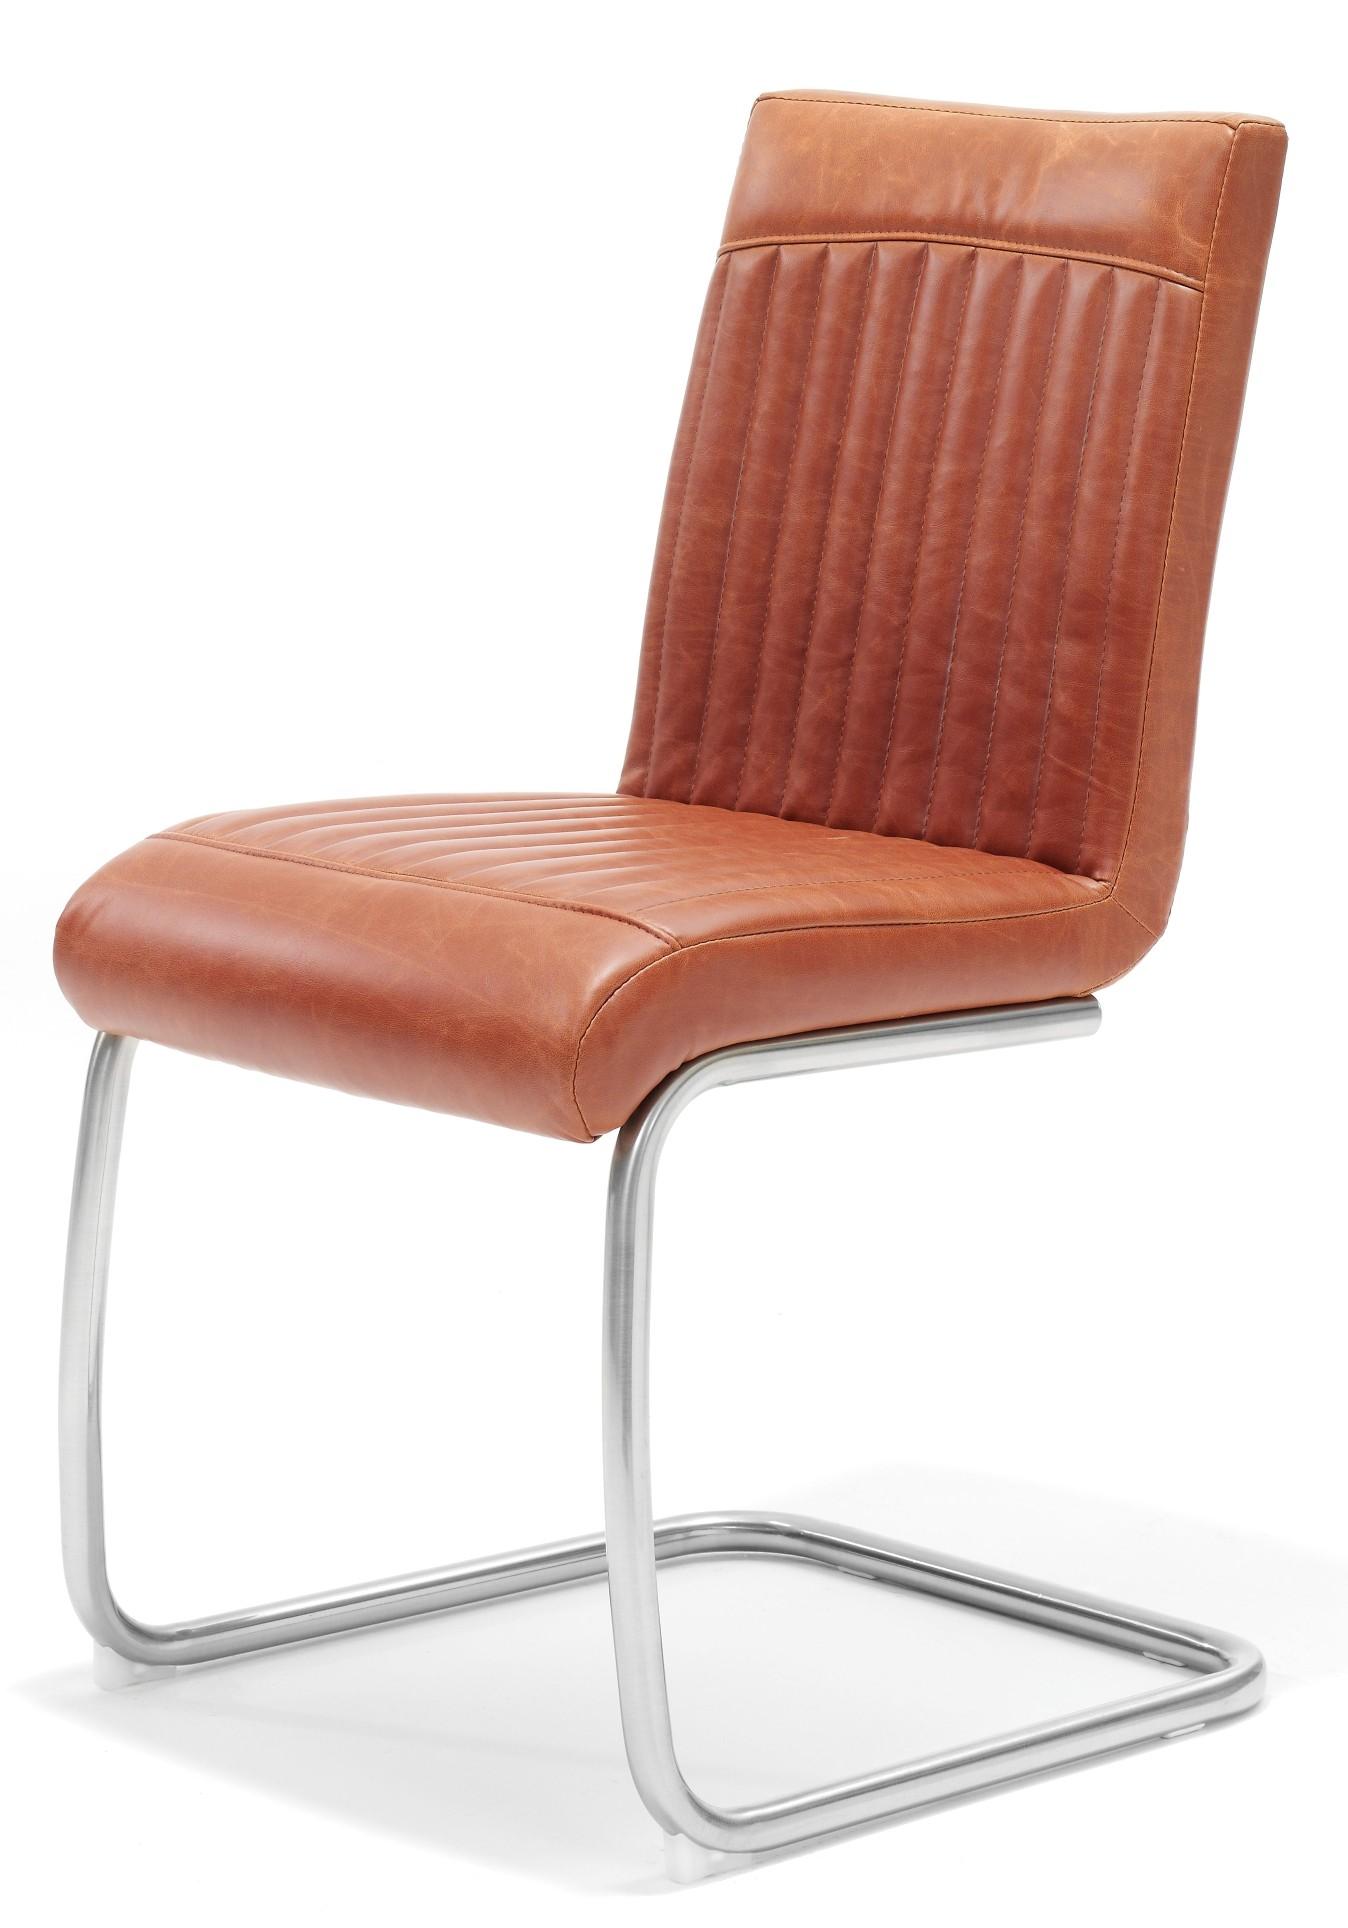 Image 24designs set van 2 stoelen braxton pu rvs cognac for Design 24 stoelen